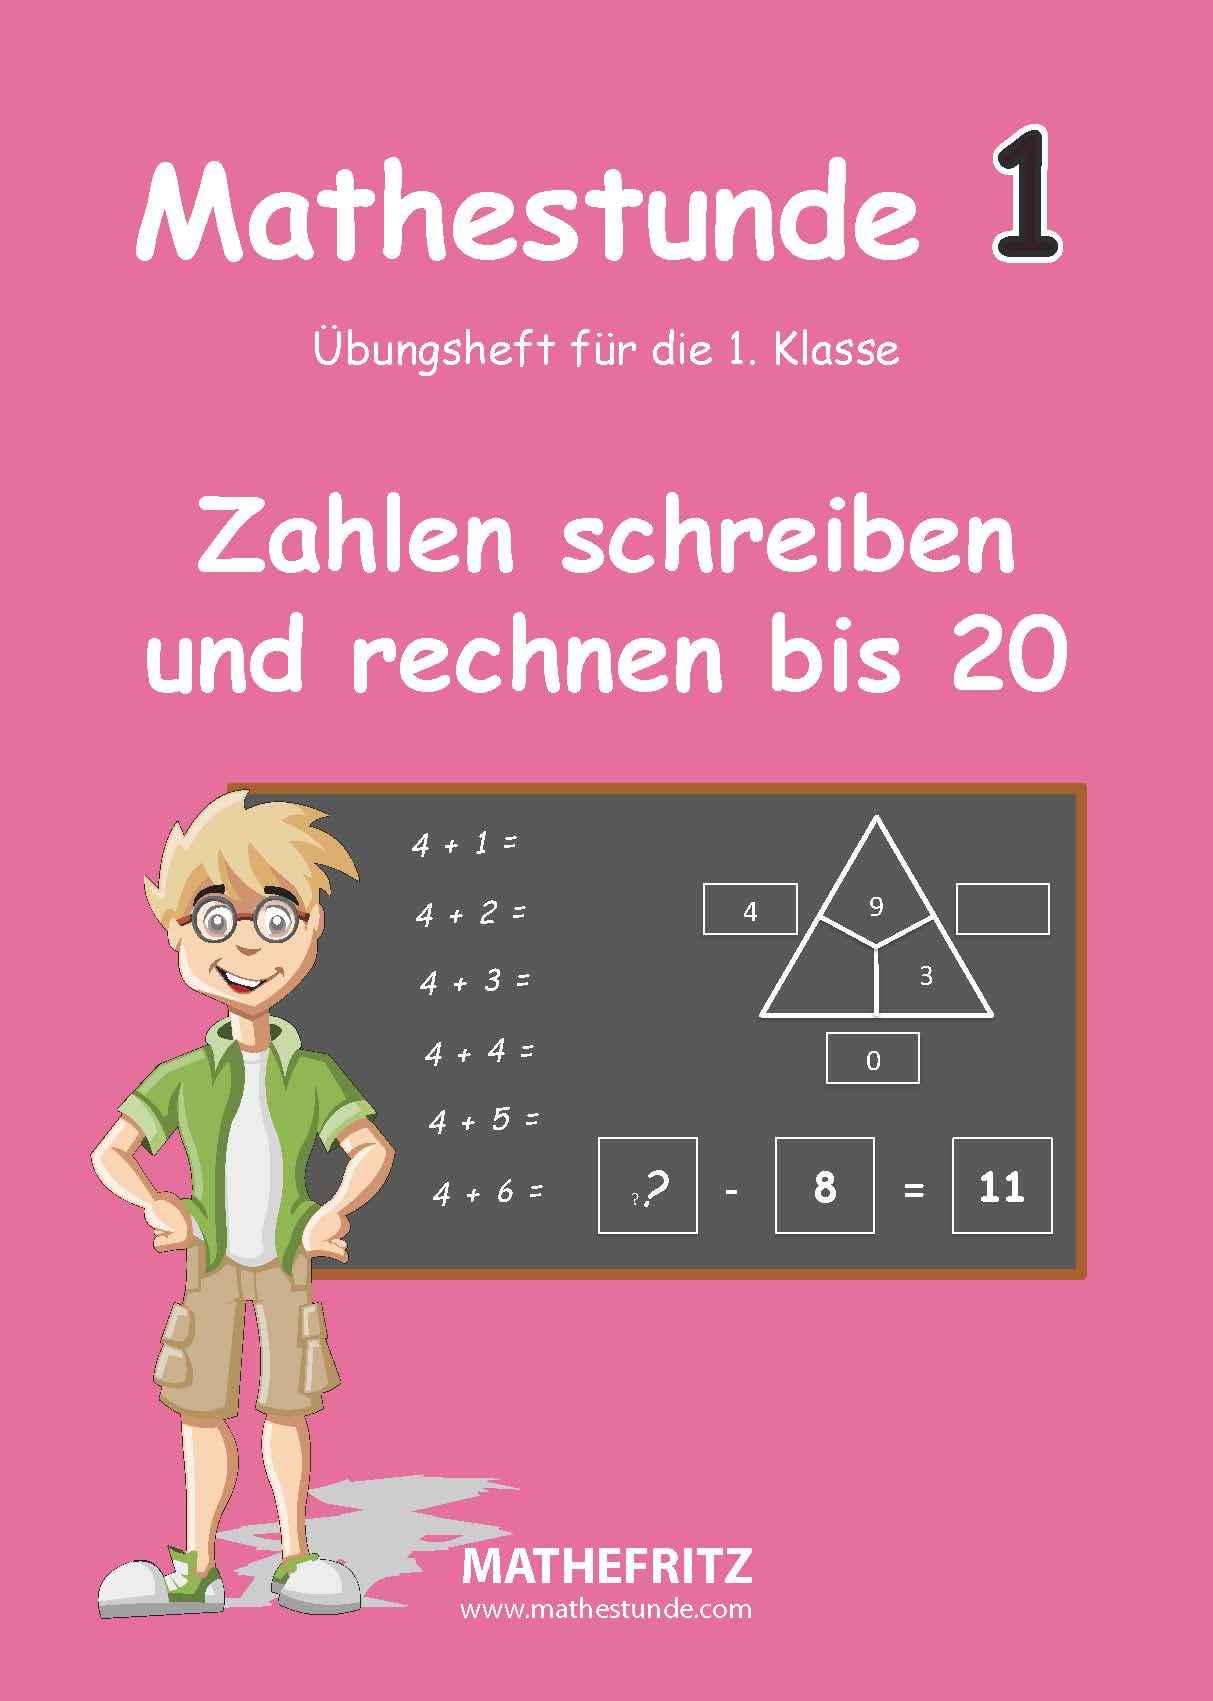 Zahlen schreiben lernen | Zahlen bis 20 schreiben und damit rechnen